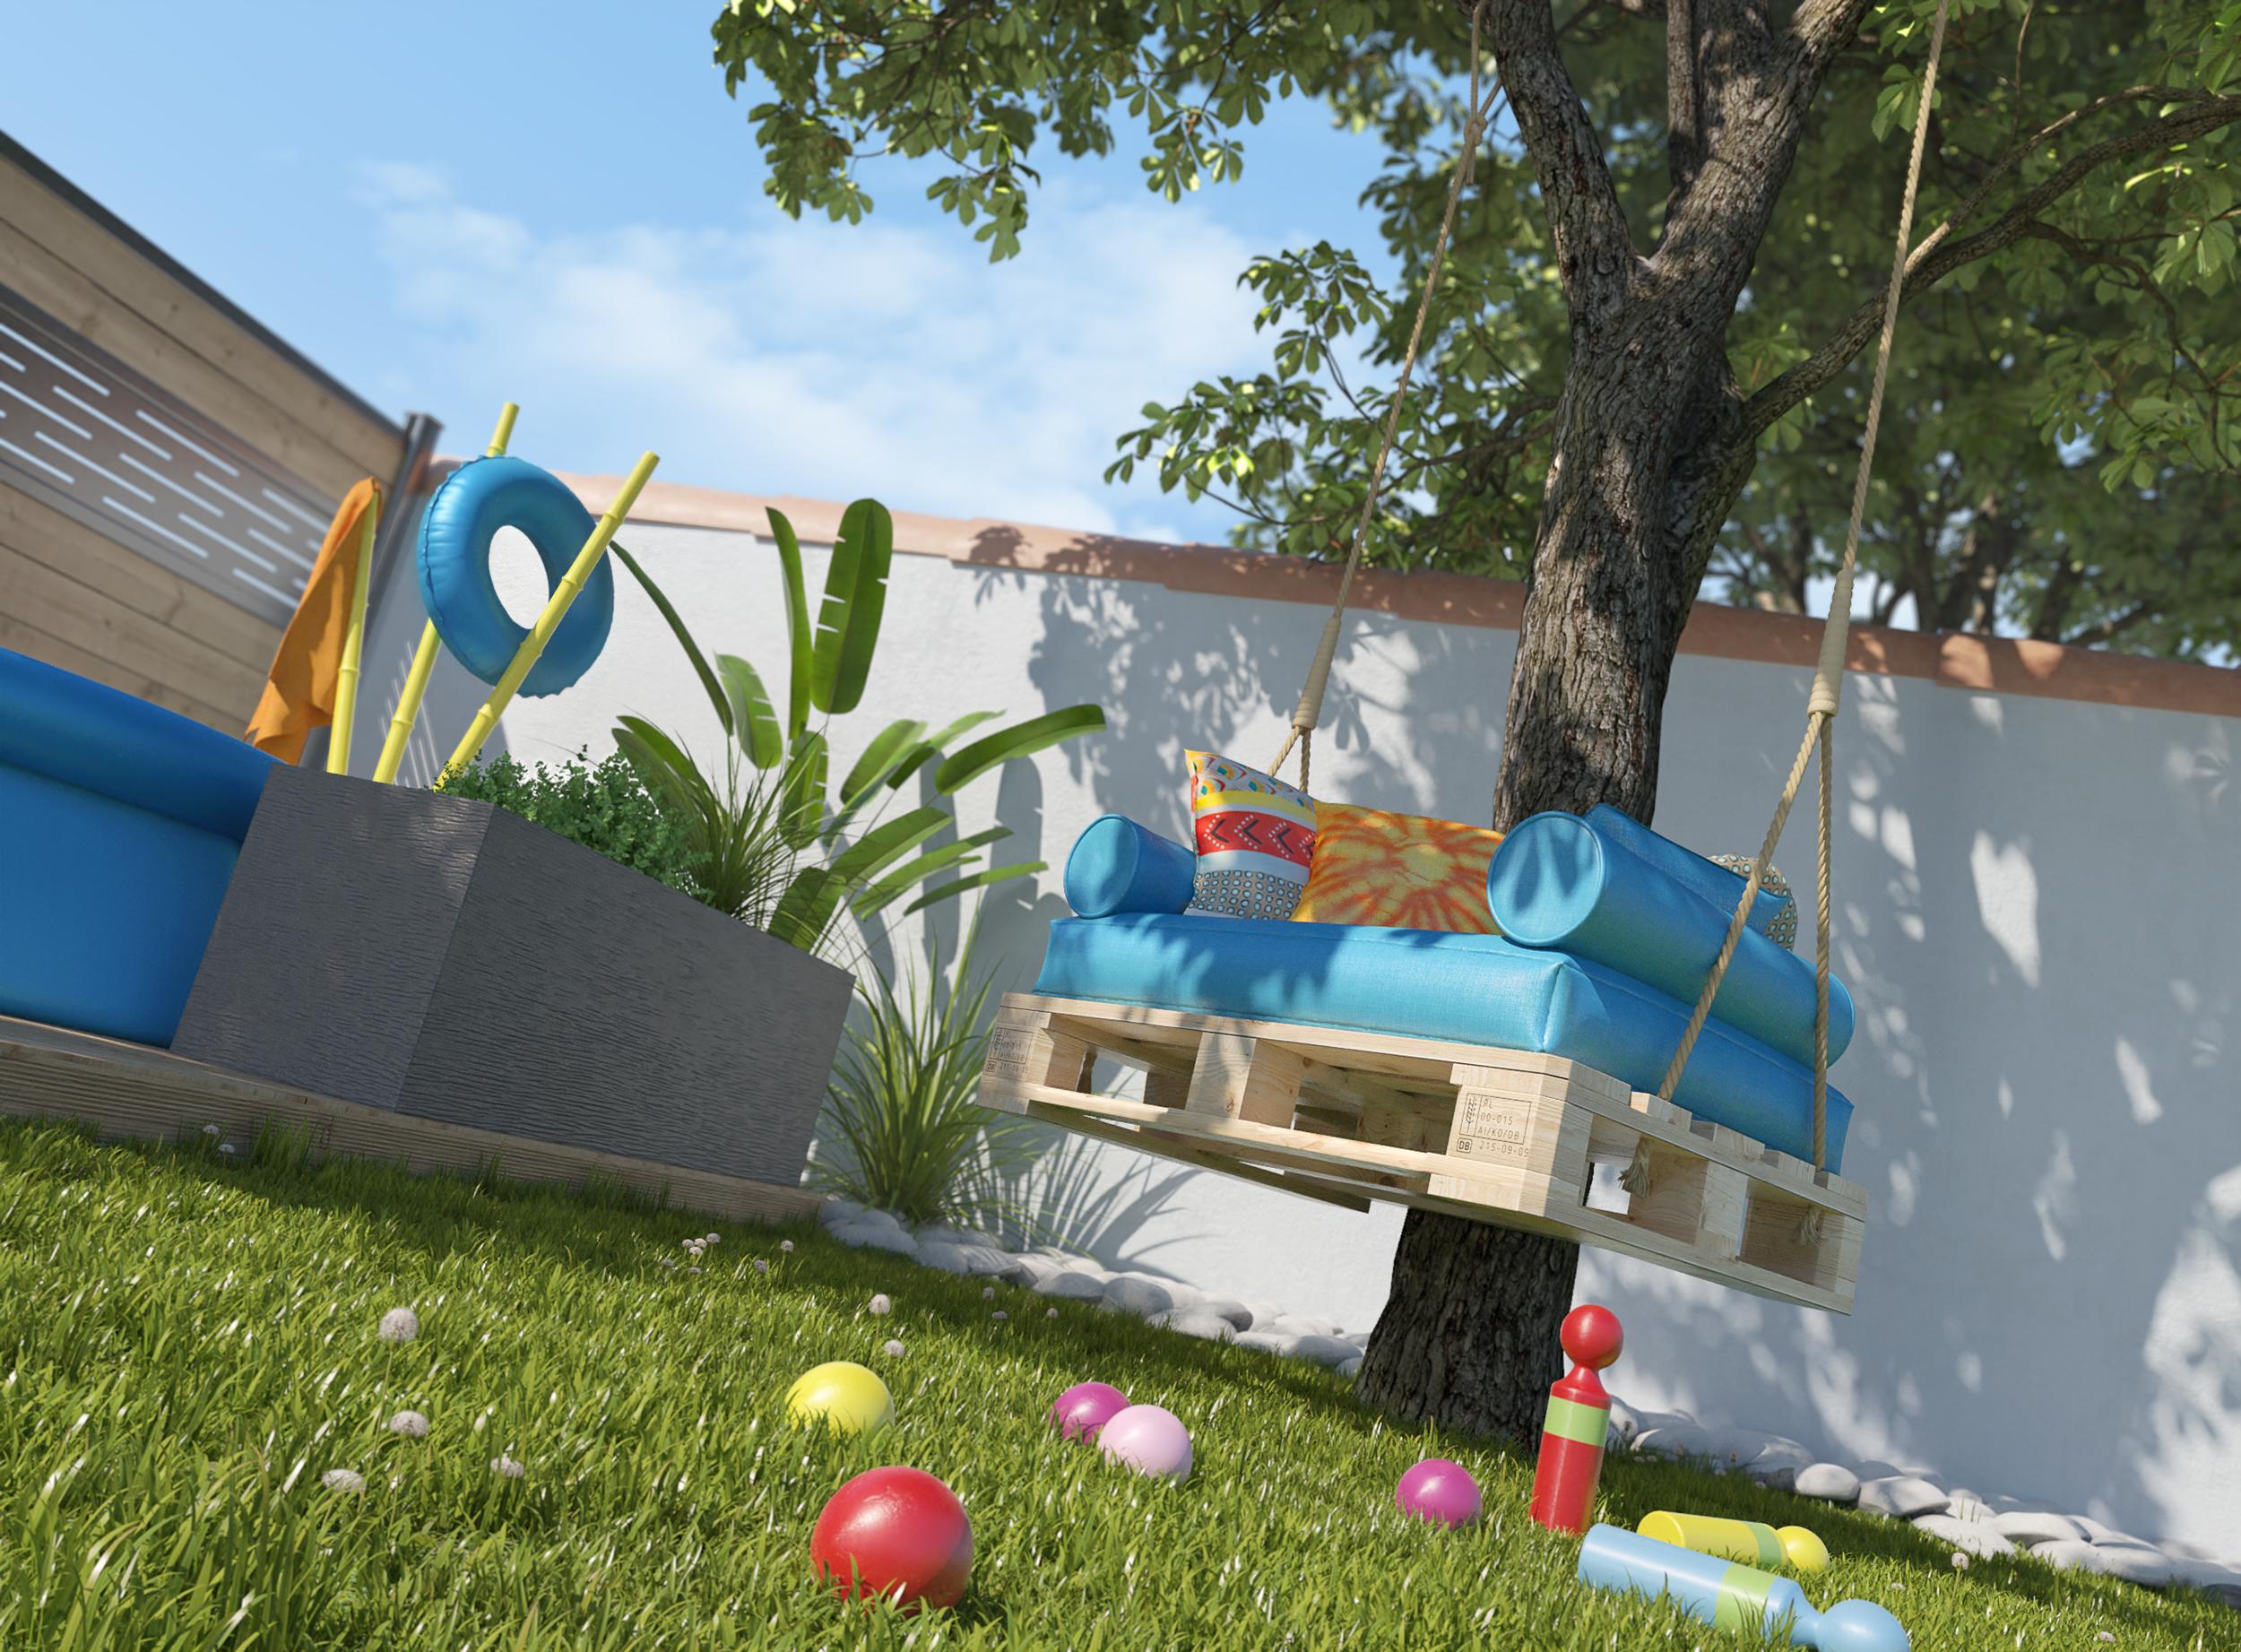 Dripmoon-archvis-graphiste3D-architecture-images-3D-Emag21 (2)